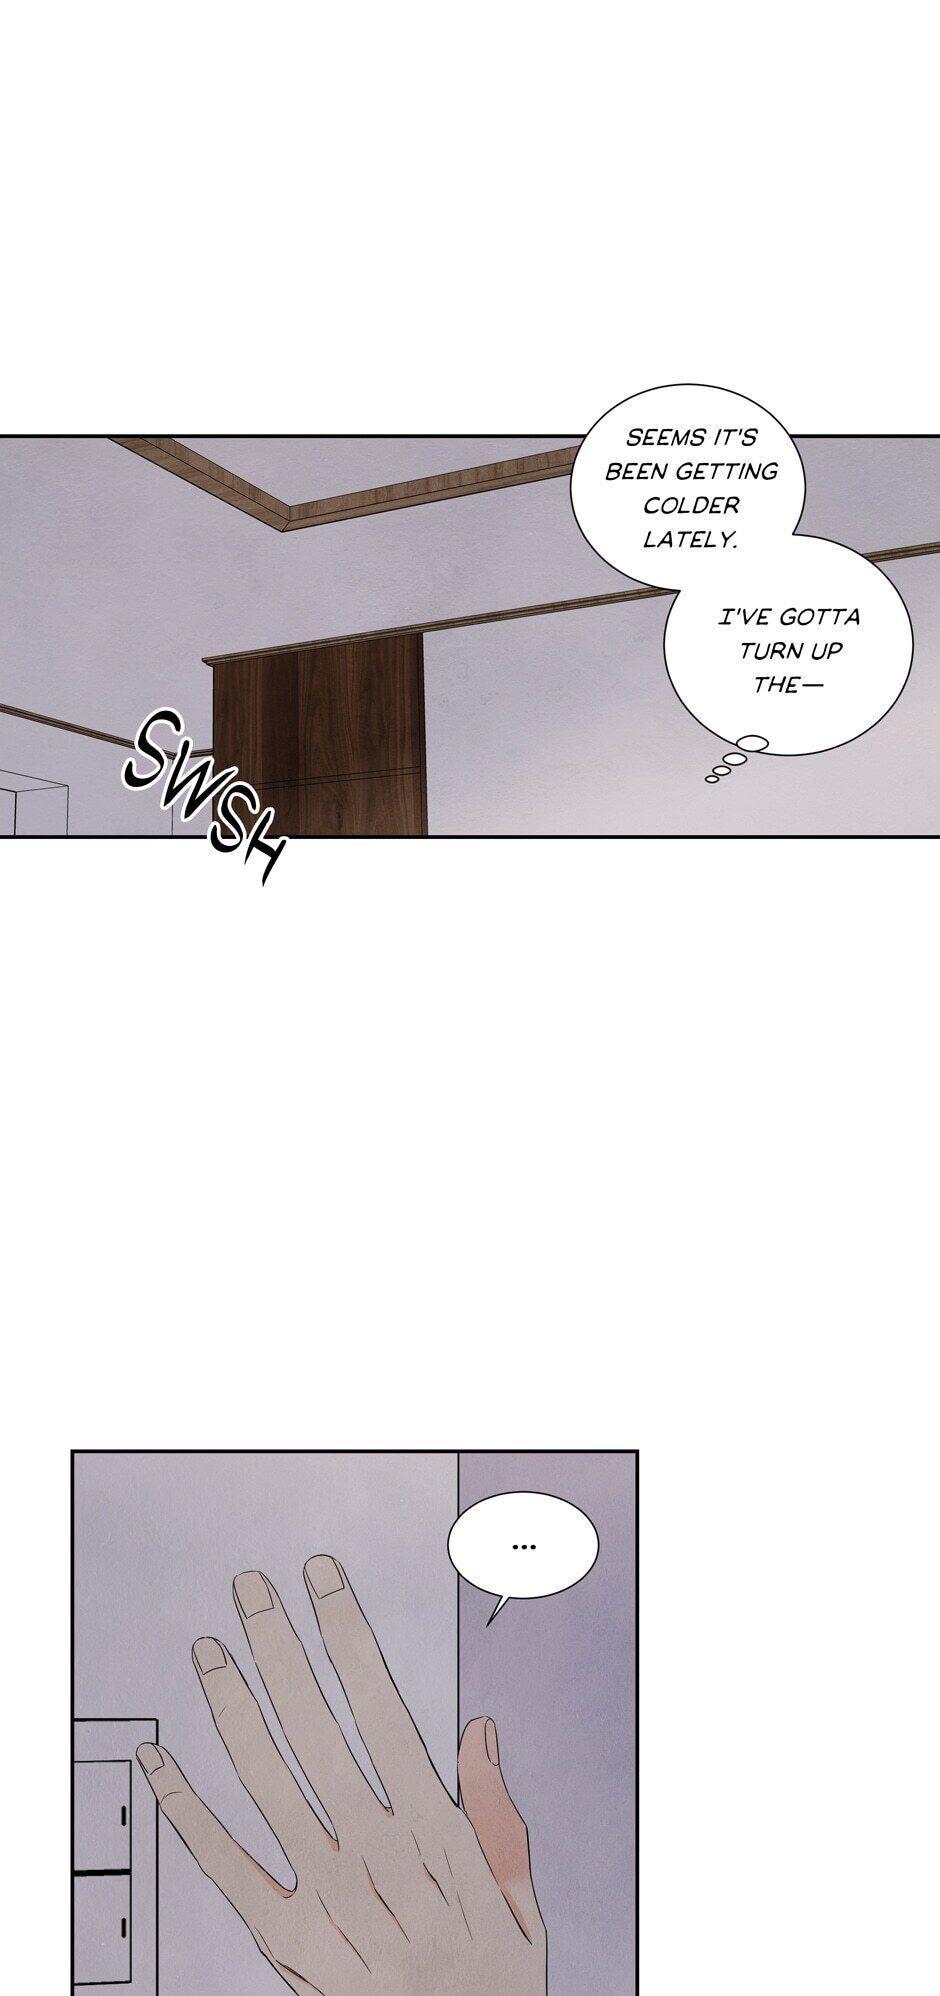 I Want To Do It, Even If It Hurtsa Chapter 55 page 23 - Mangakakalots.com